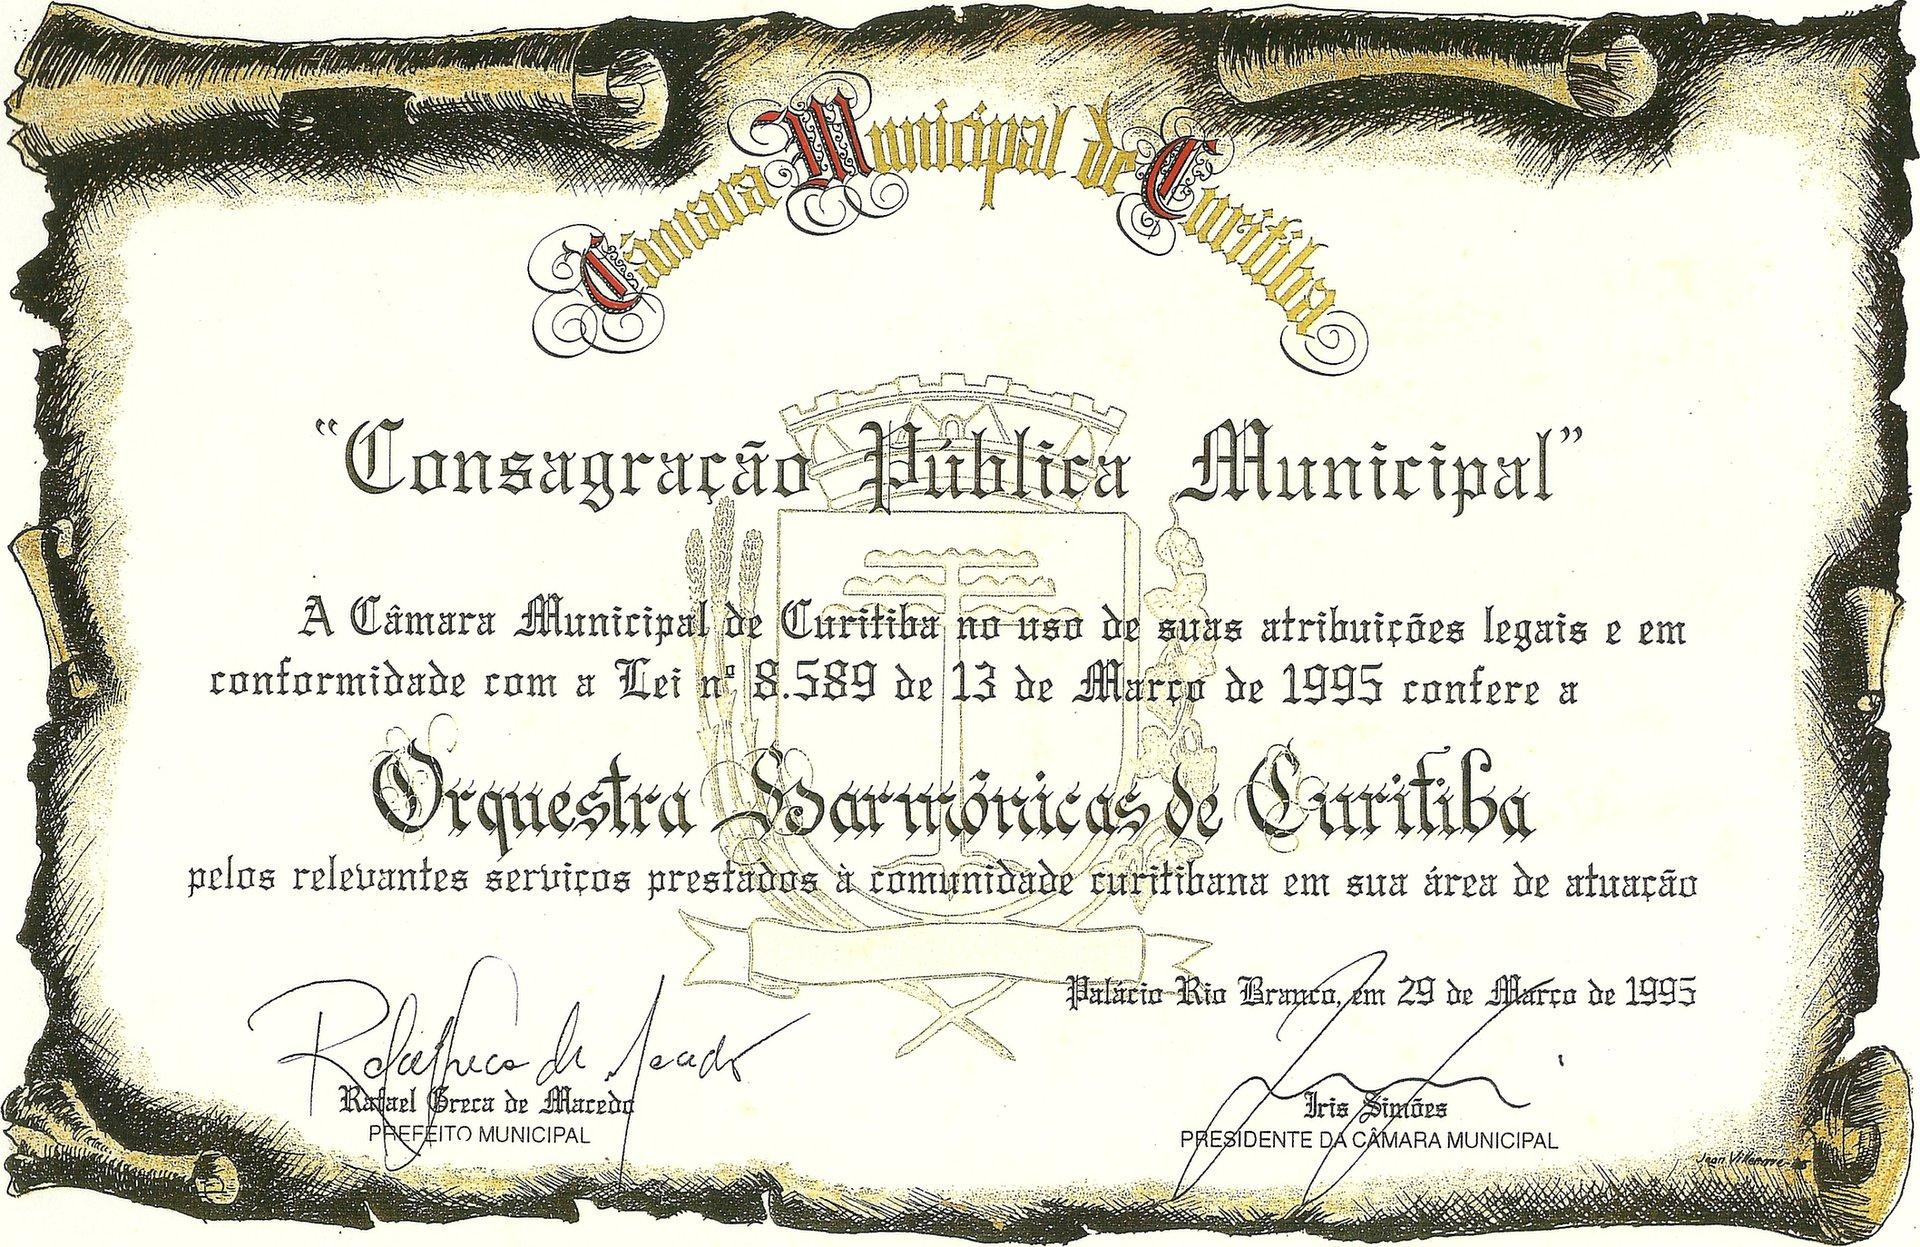 Consagração Pública Municipal